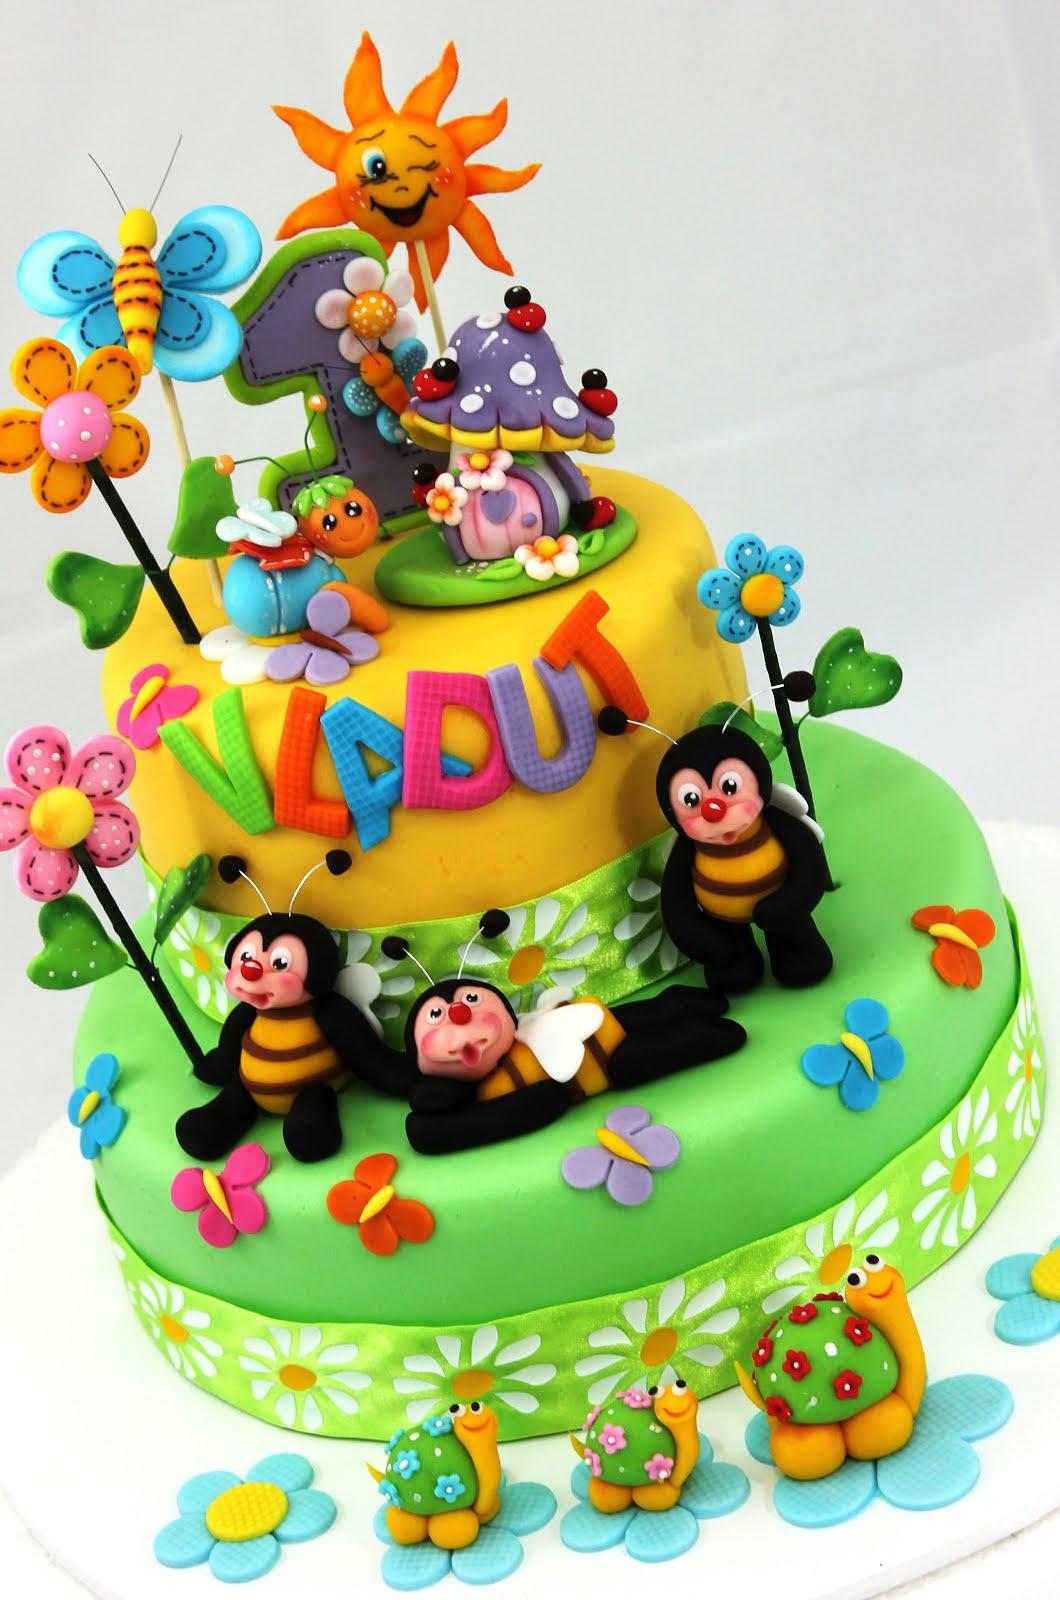 Tuv Birthday Cake